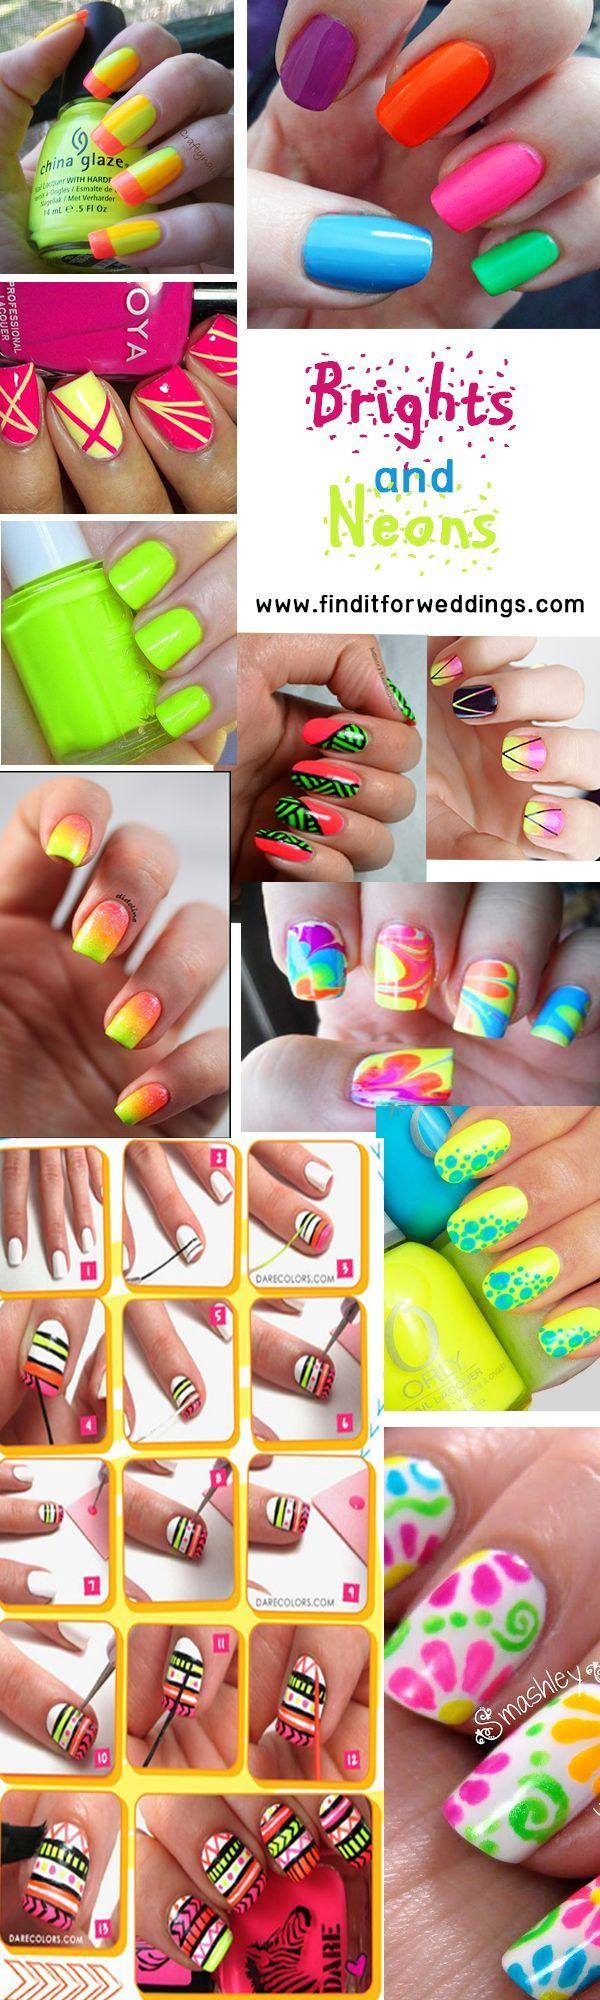 manicure - Neon #nails nail art design ideas Visit www.finditforwedd ...